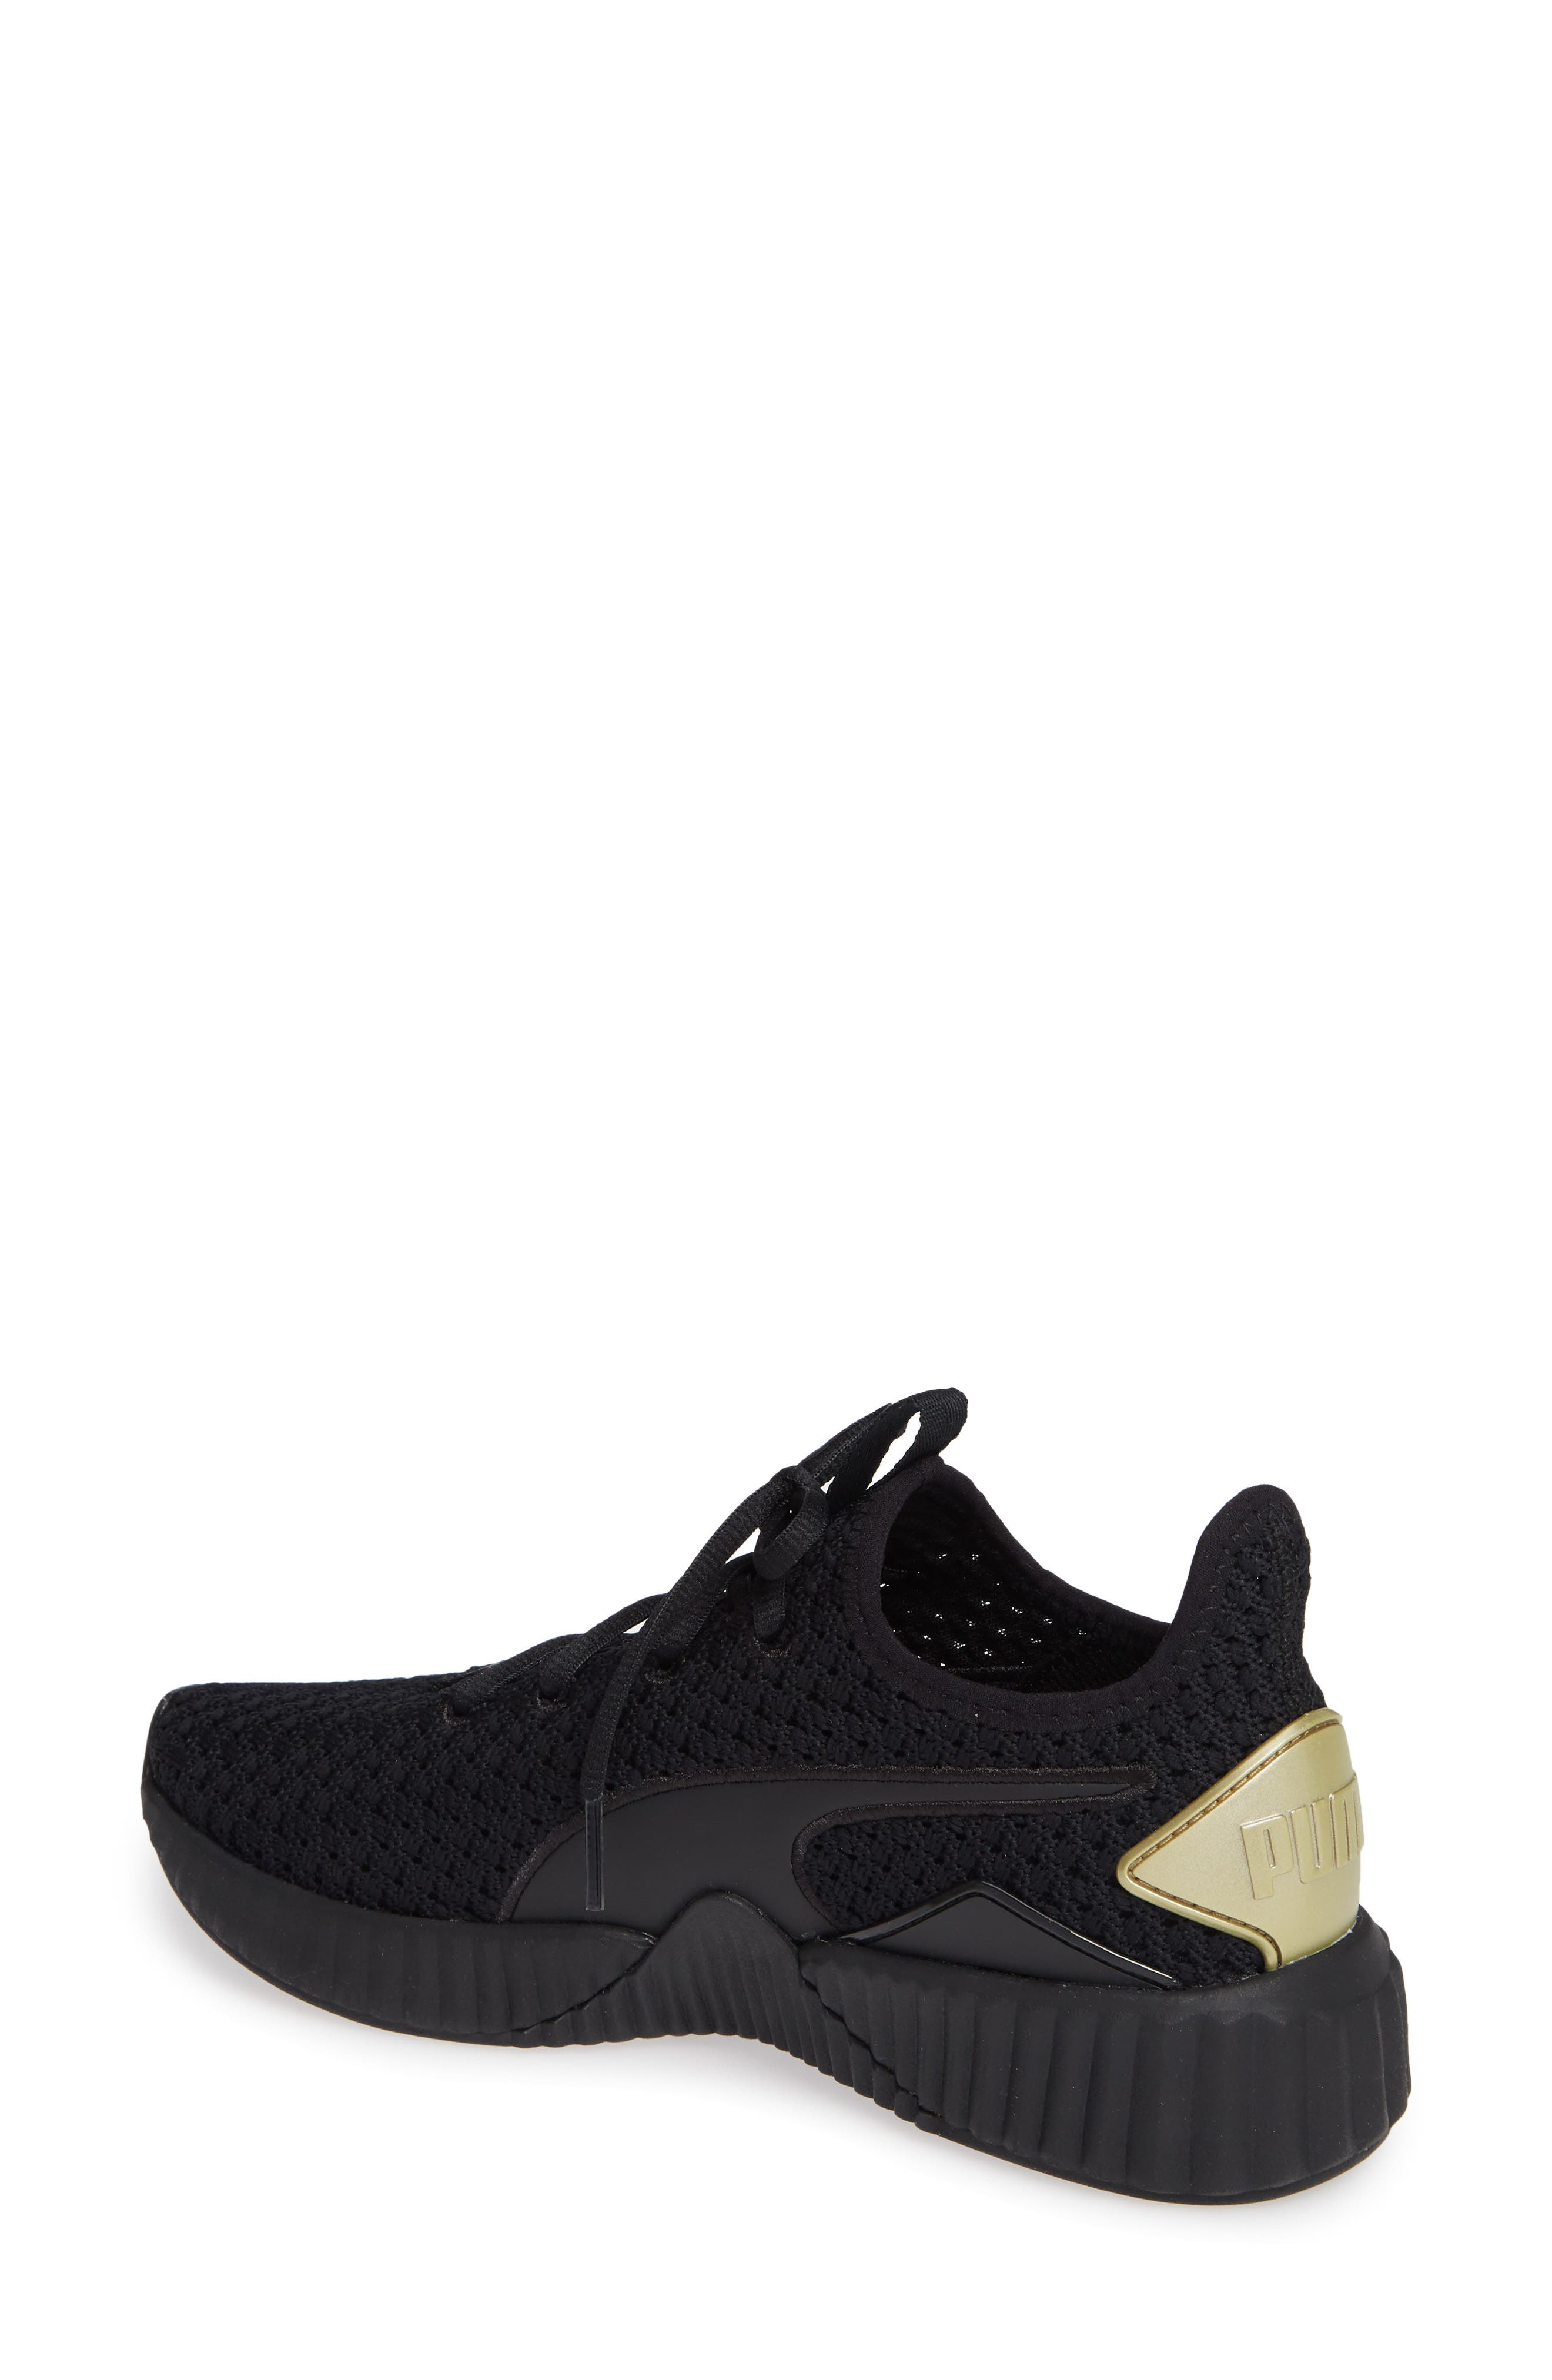 Defy Varsity Sneaker,                             Alternate thumbnail 2, color,                             001